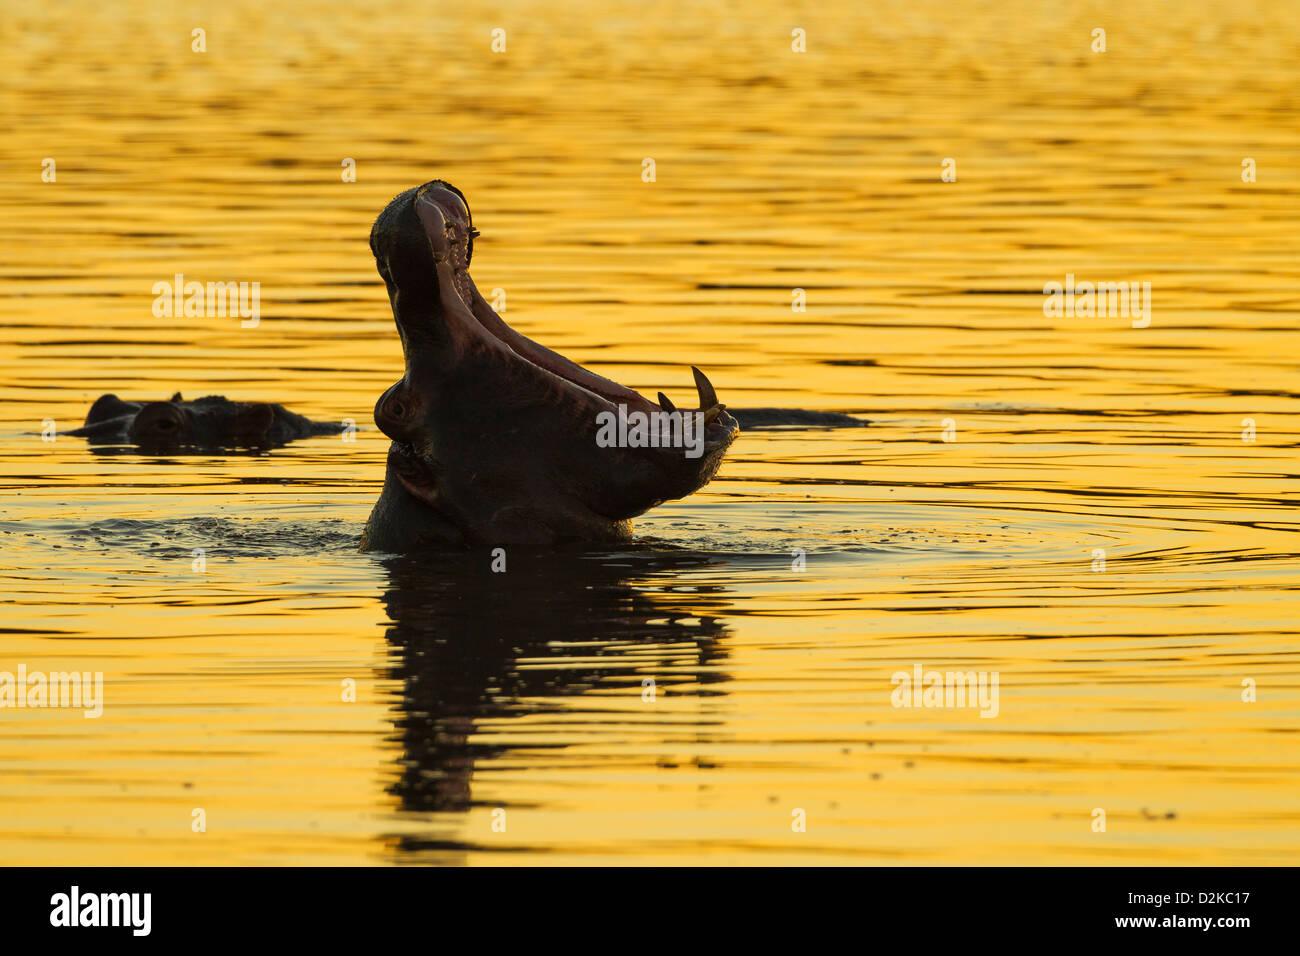 Silhouette d'un hippopotame baillant dans la lumière du soir d'or Photo Stock